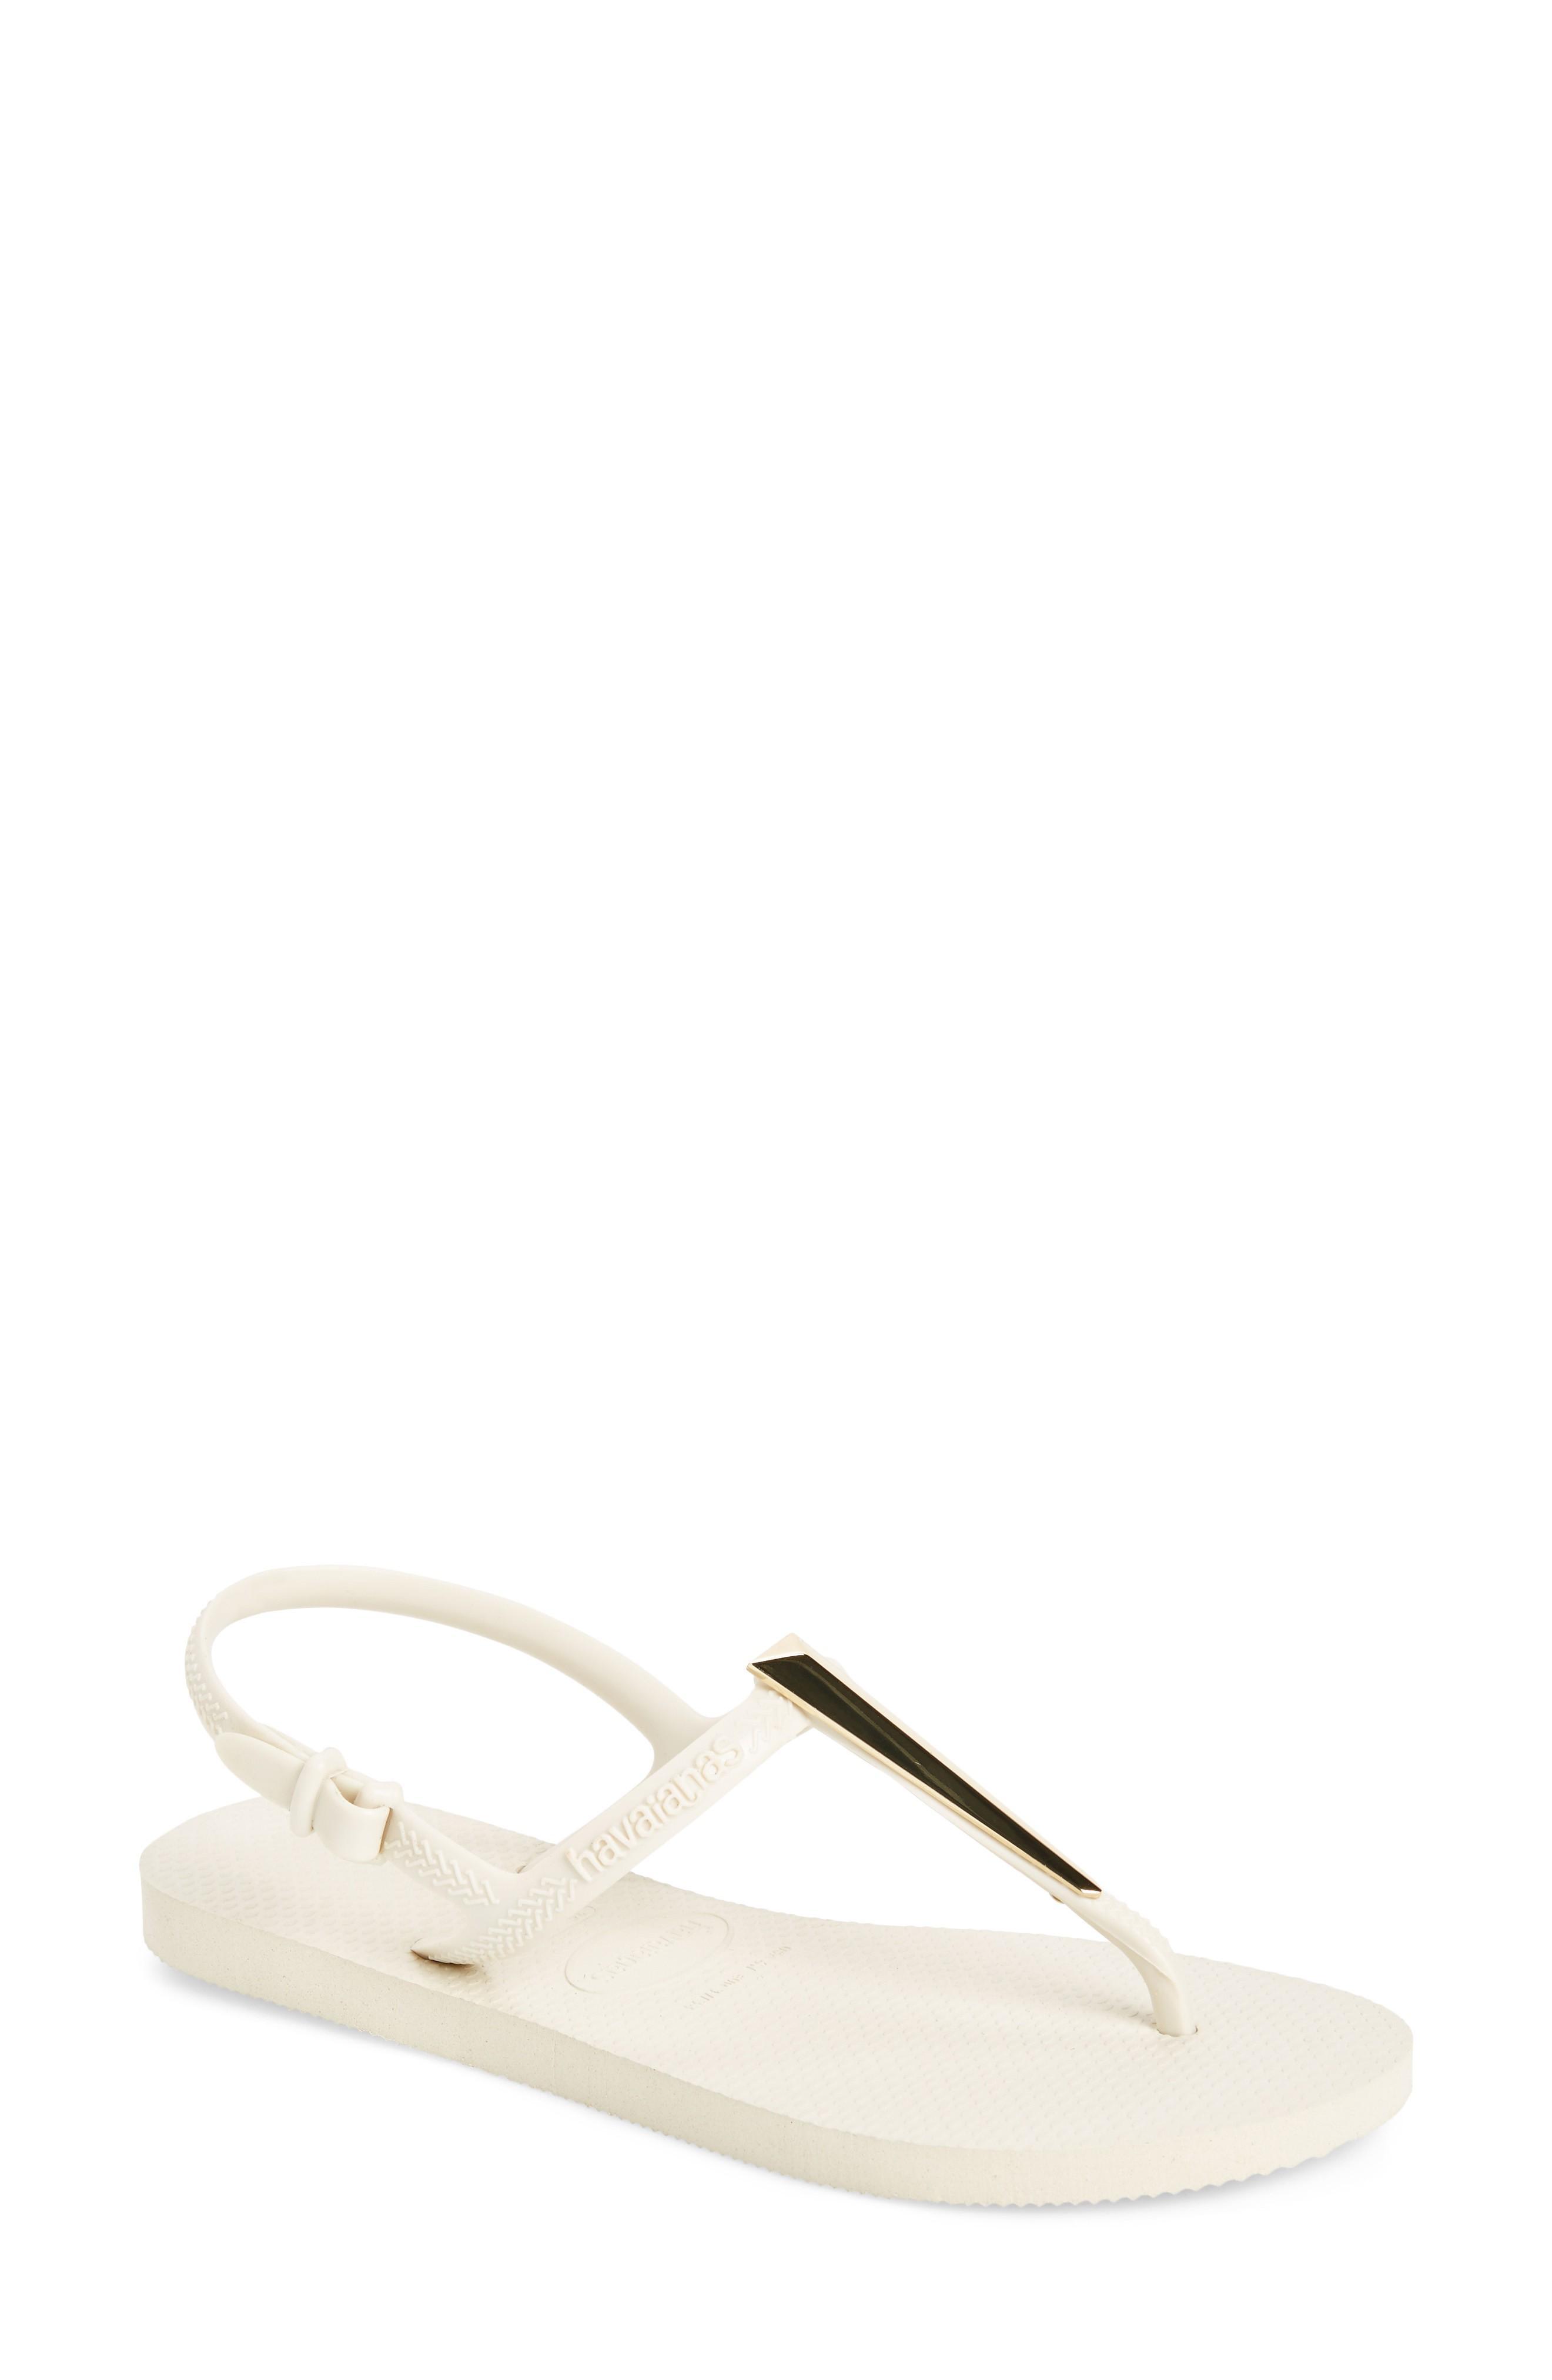 837062d8bb4d0b Havaianas Freedom Slim Maxi Sandal In Beige